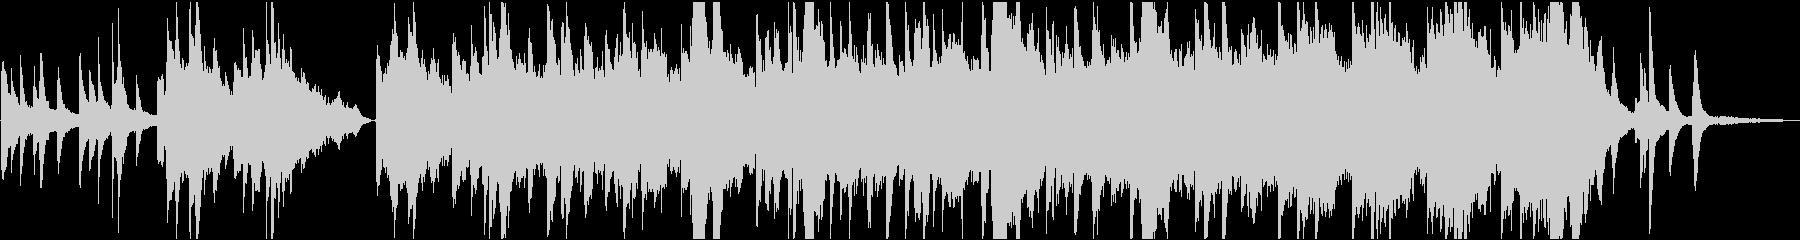 企業VP7 16bit48kHzVer.の未再生の波形